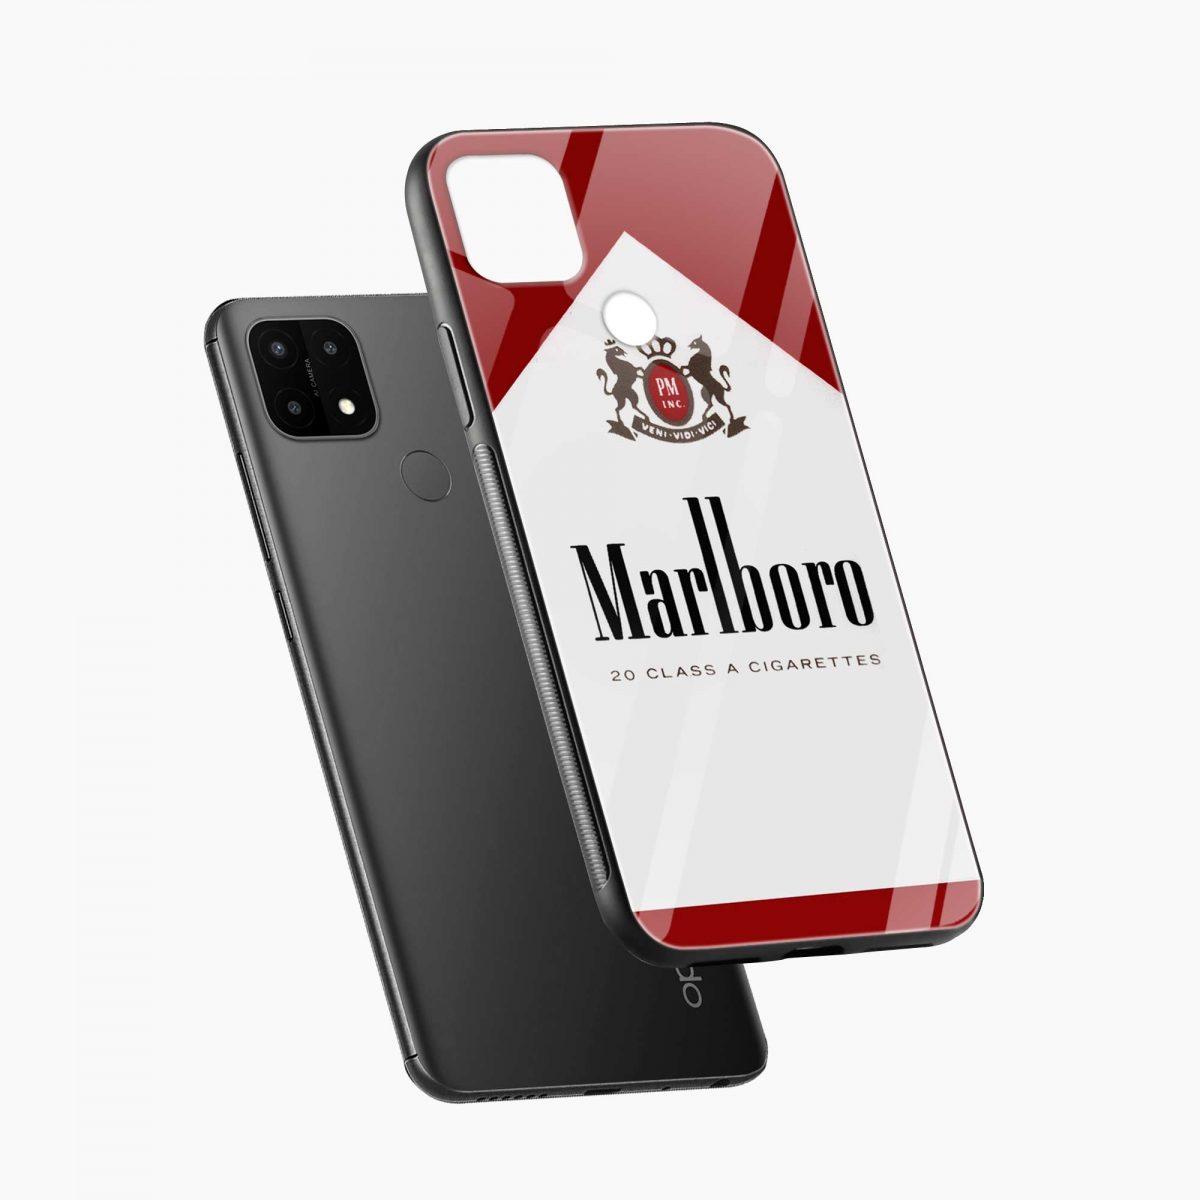 marlboro cigarette box diagonal view oppo a15 back cover